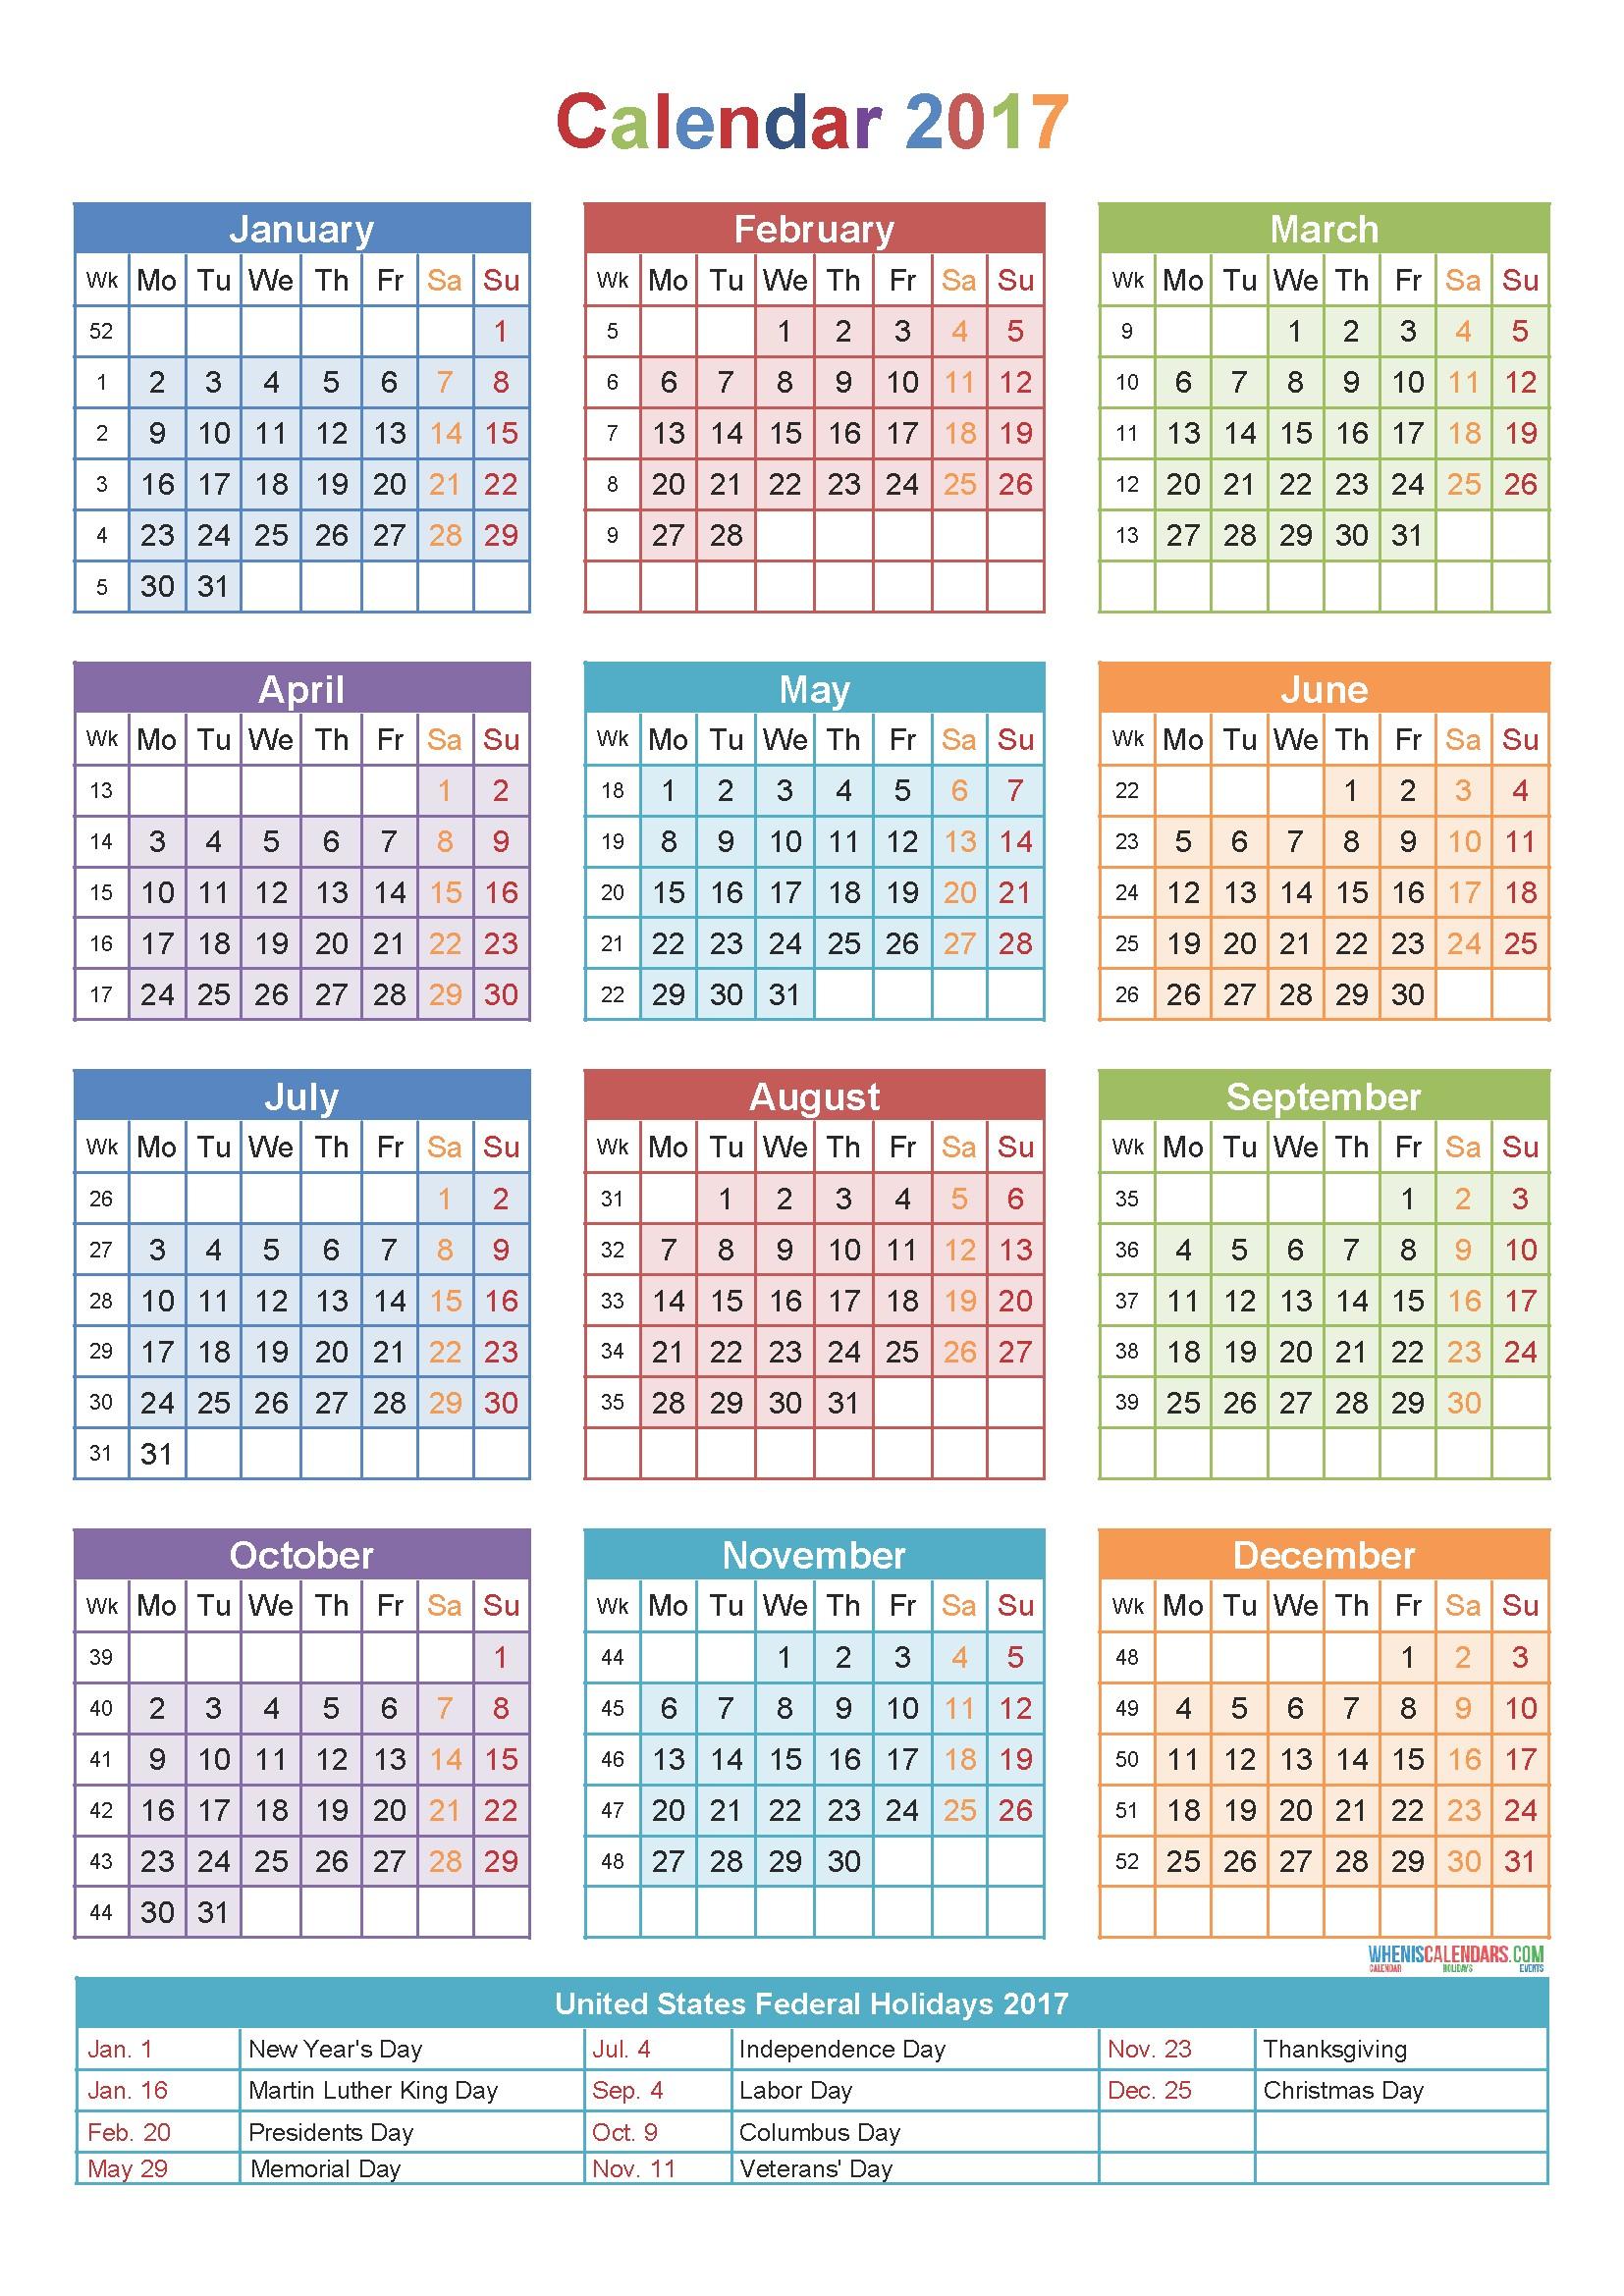 calendar 2017 by week number Holidays